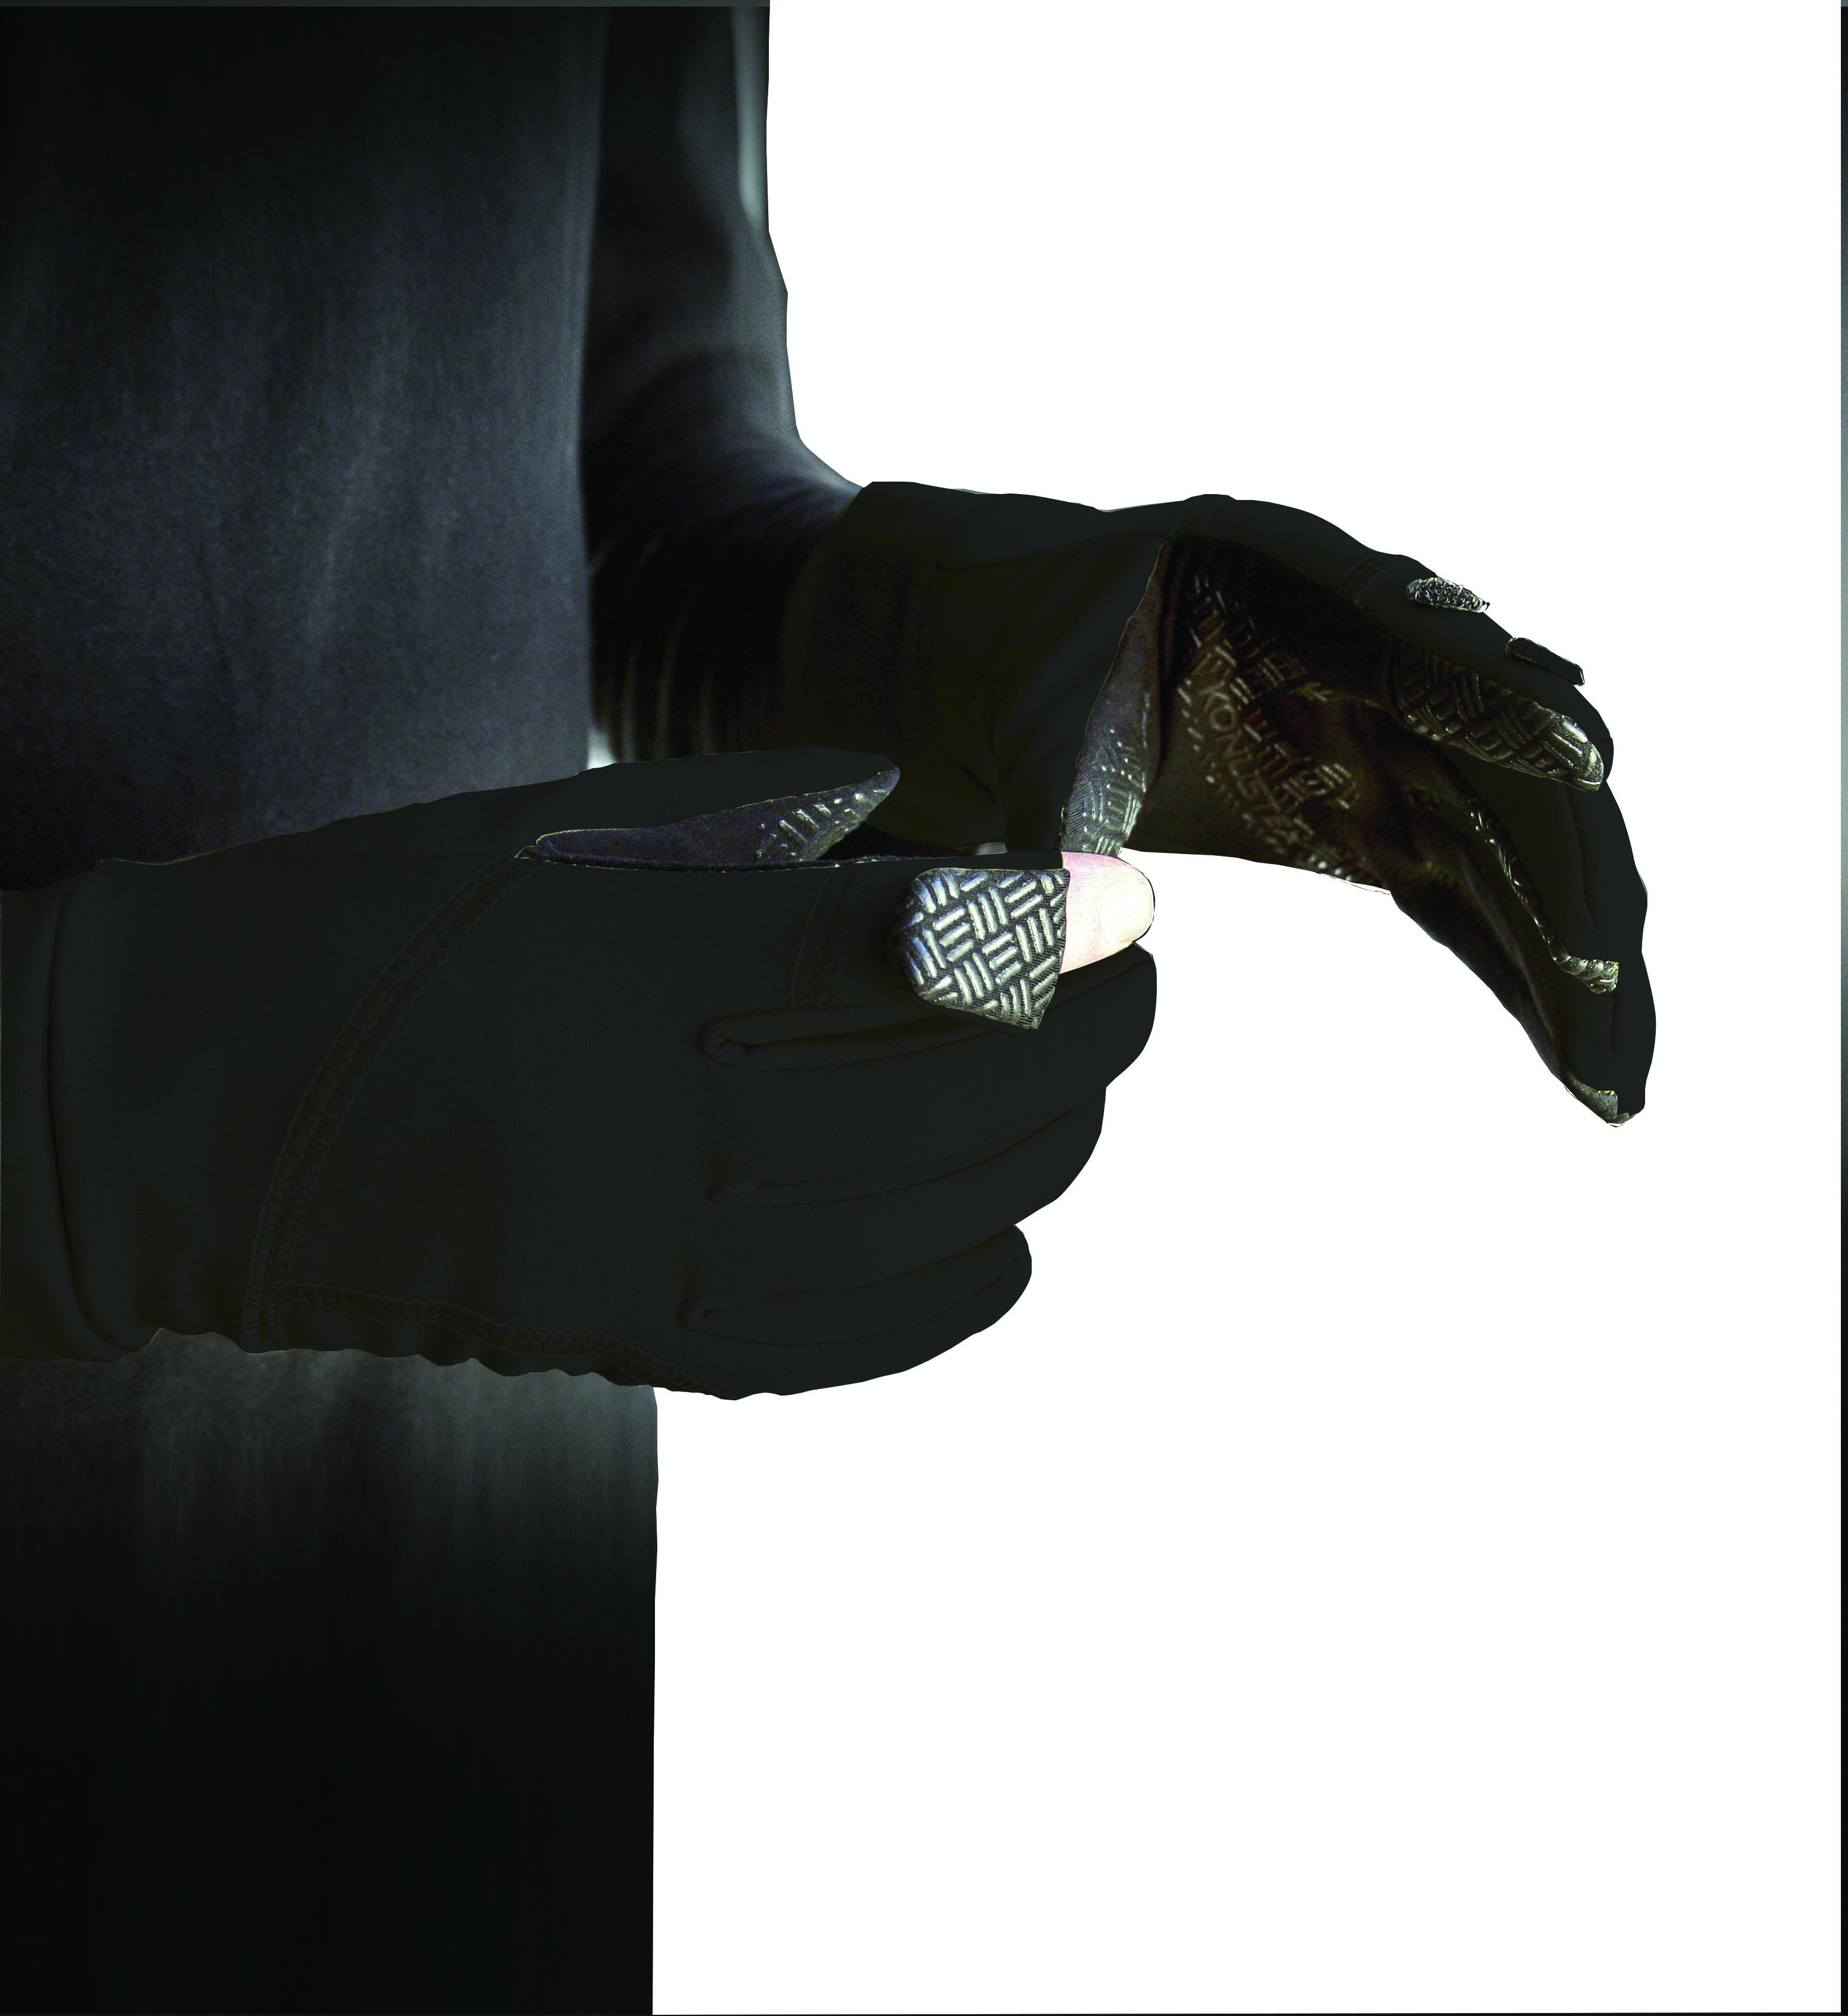 Γάντια Konustex Ardito